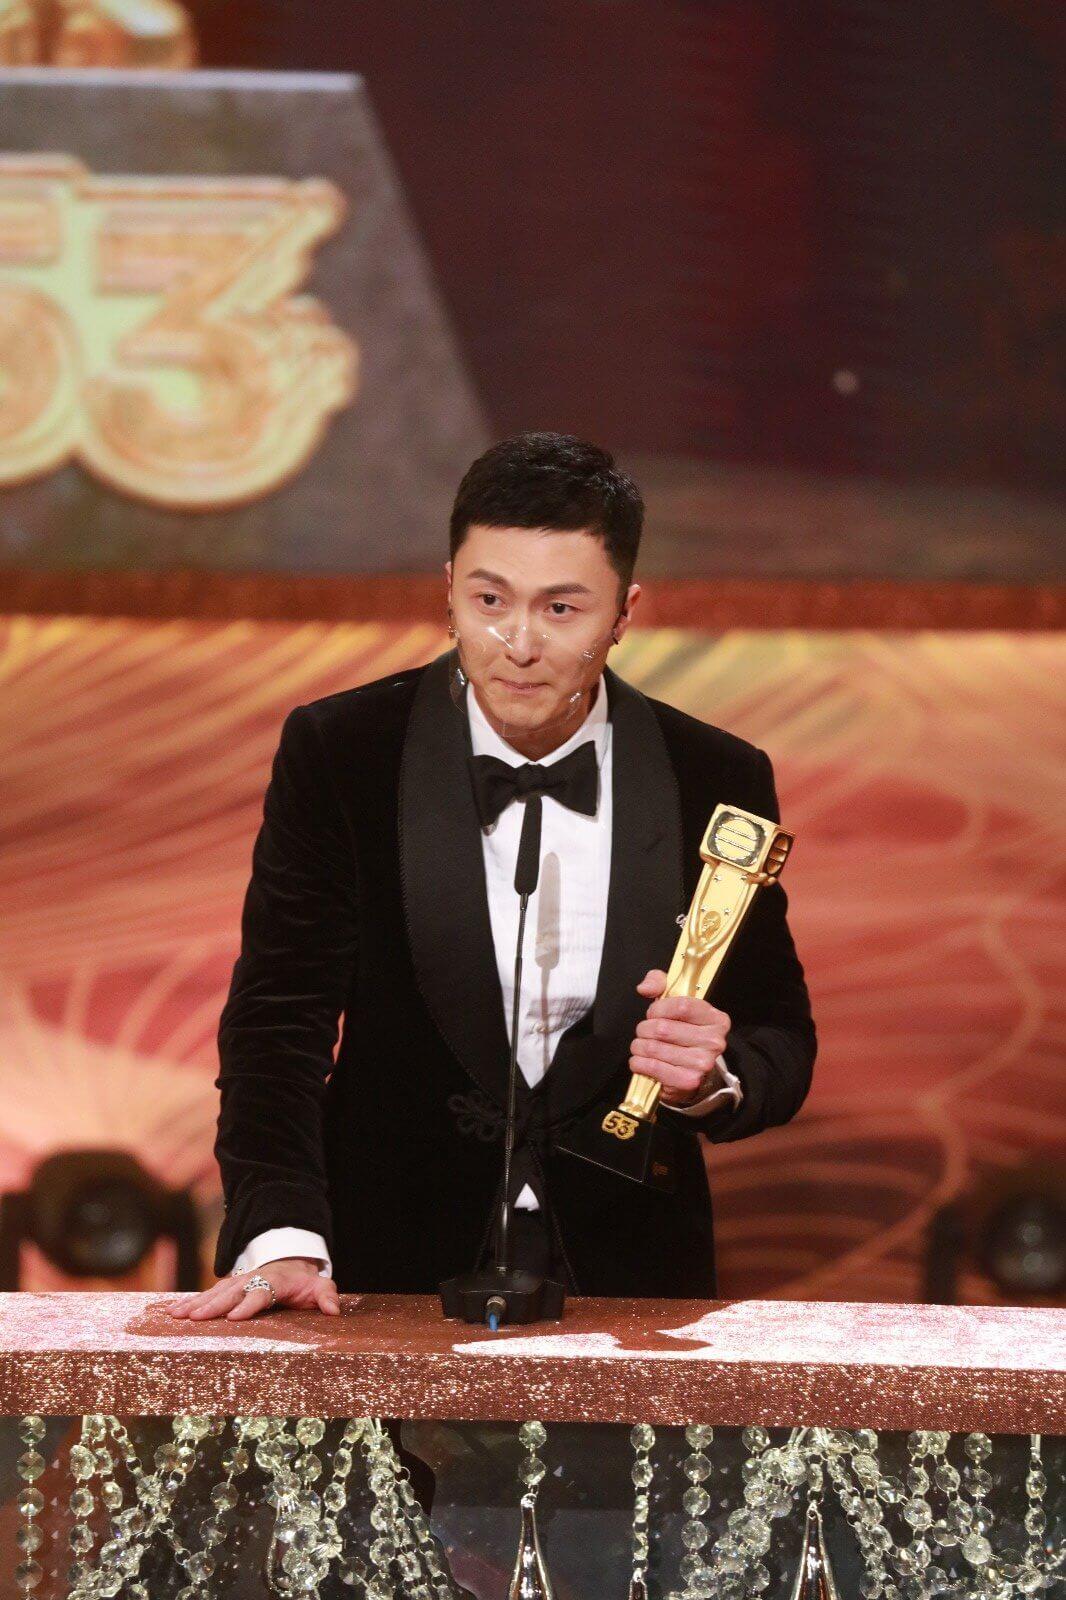 王浩信今年他唱的劇集歌曲,如《心眼》及《甘心替代你》在網上都有很高的點擊率,隨時有機會在今個星期日繼視帝外又在《勁歌總選》得獎。